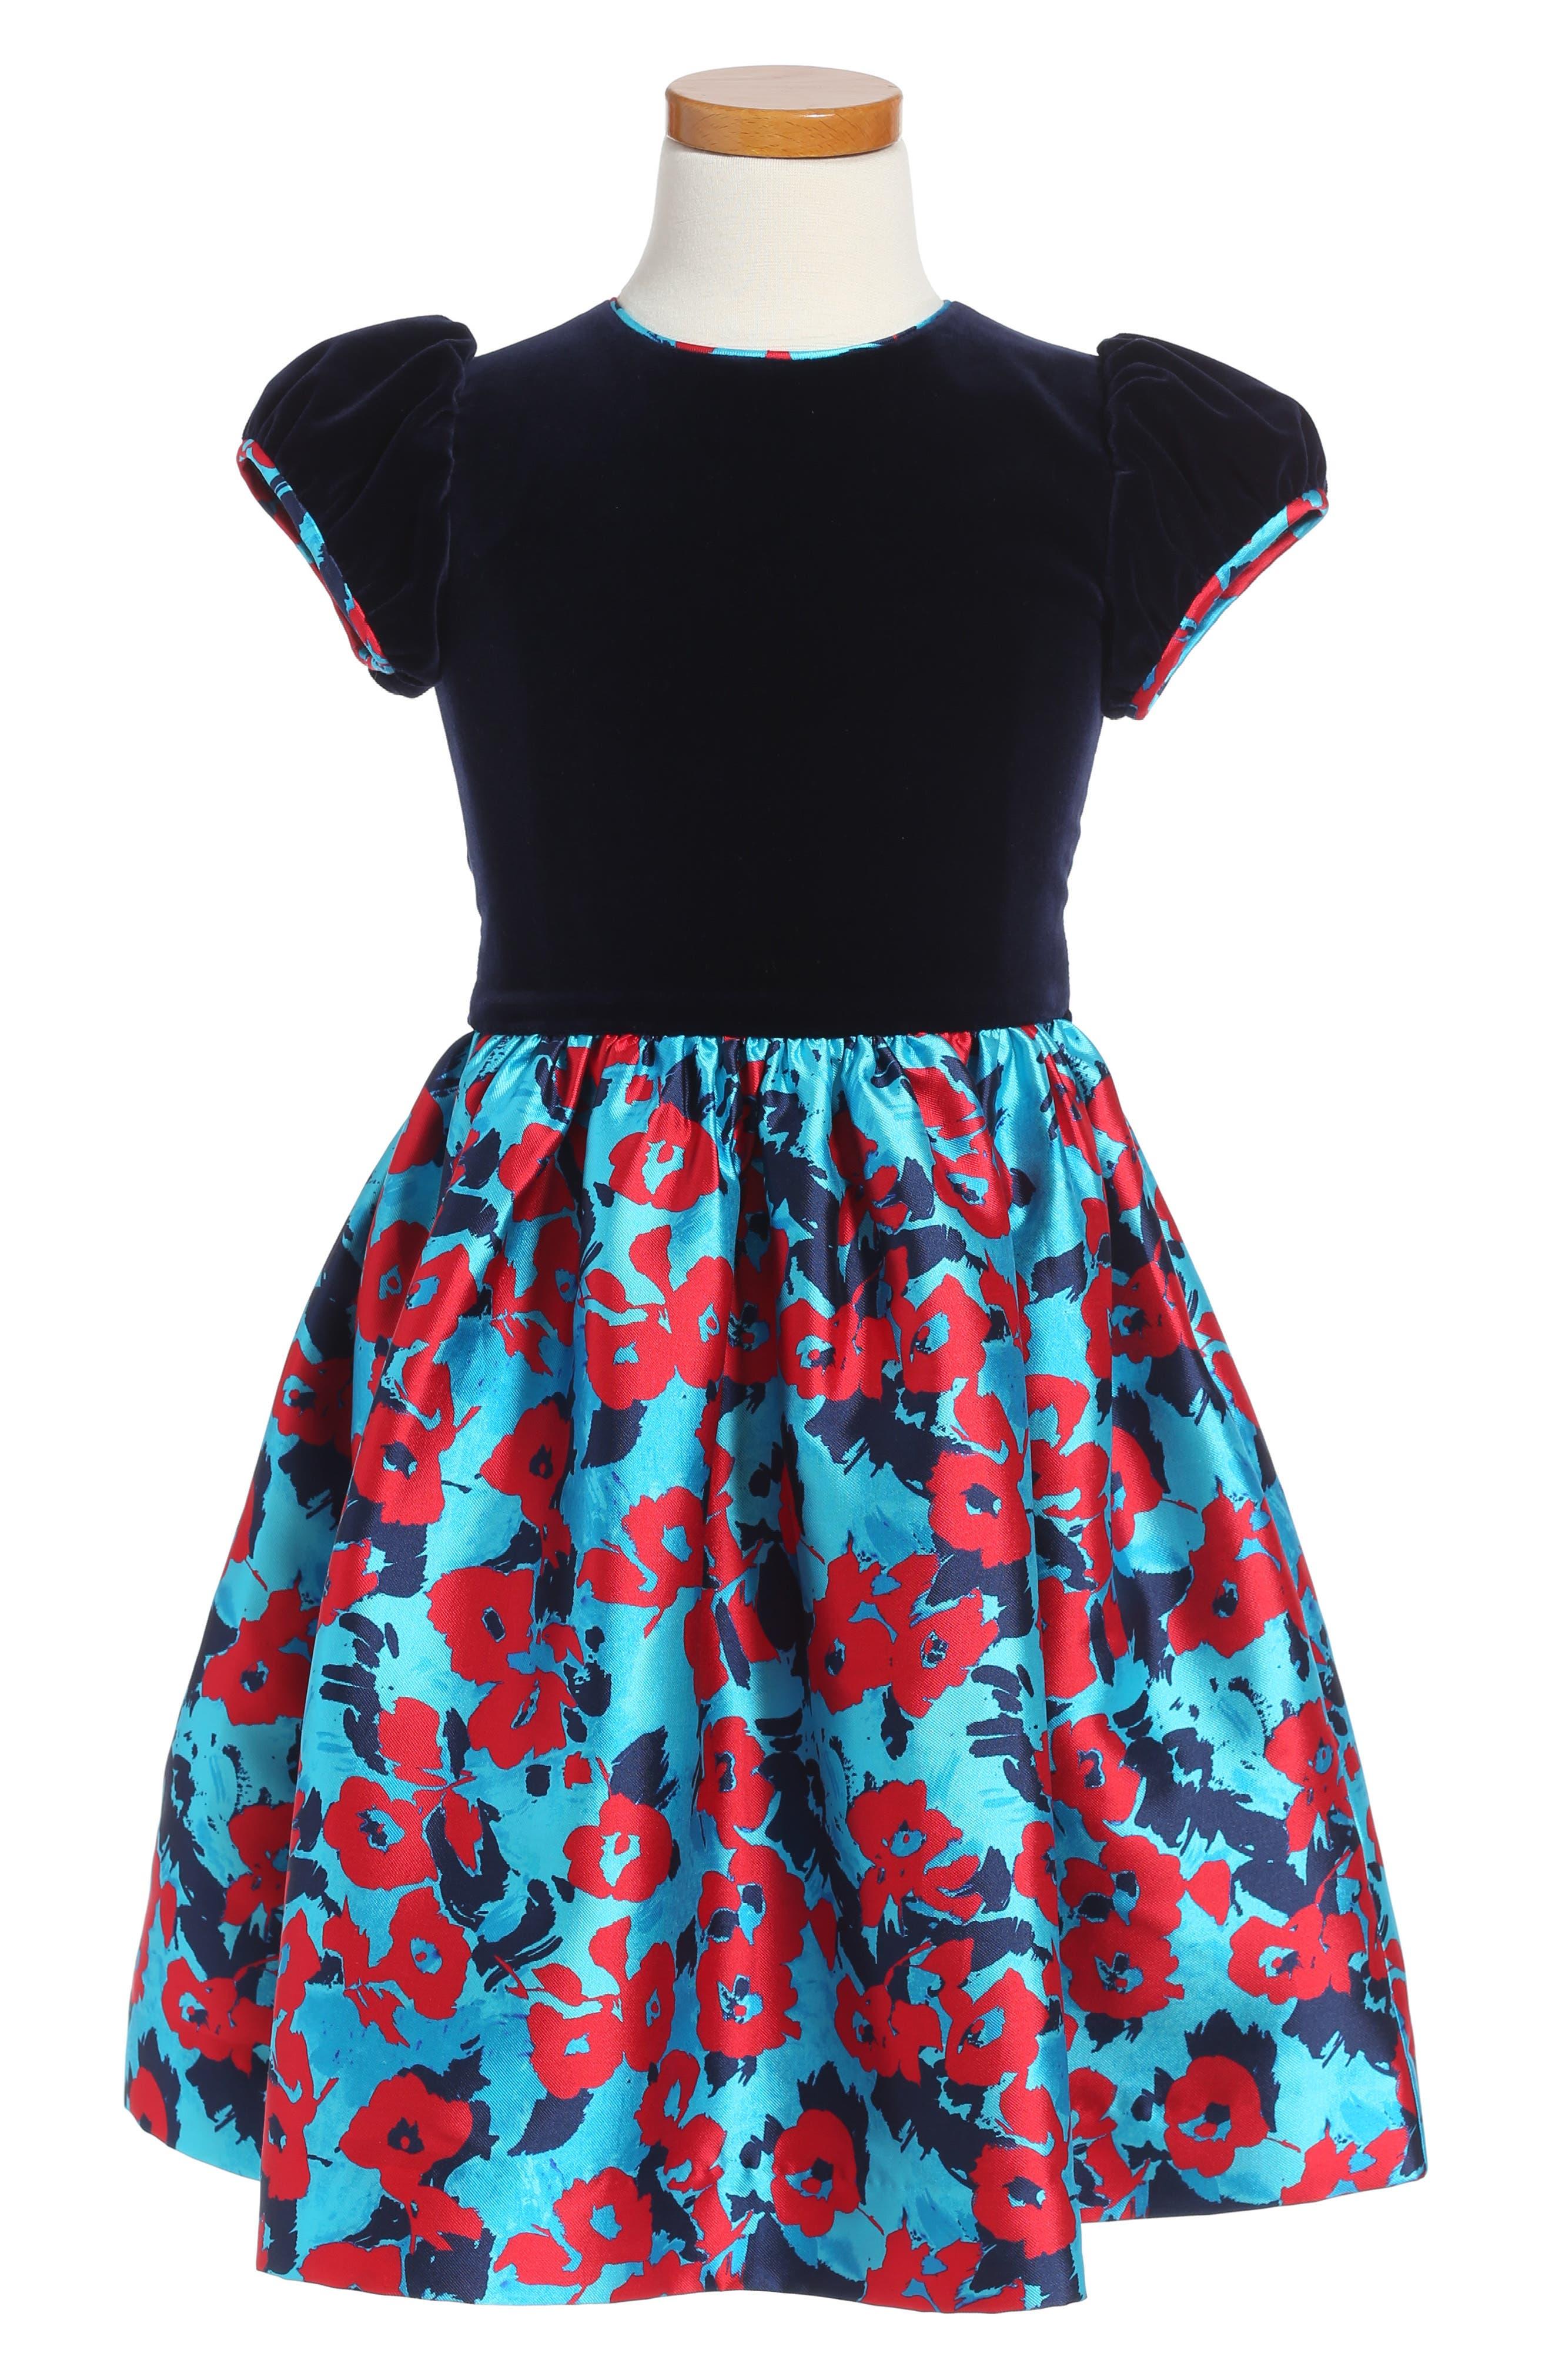 OSCAR DE LA RENTA Wild Roses Mikado Party Dress